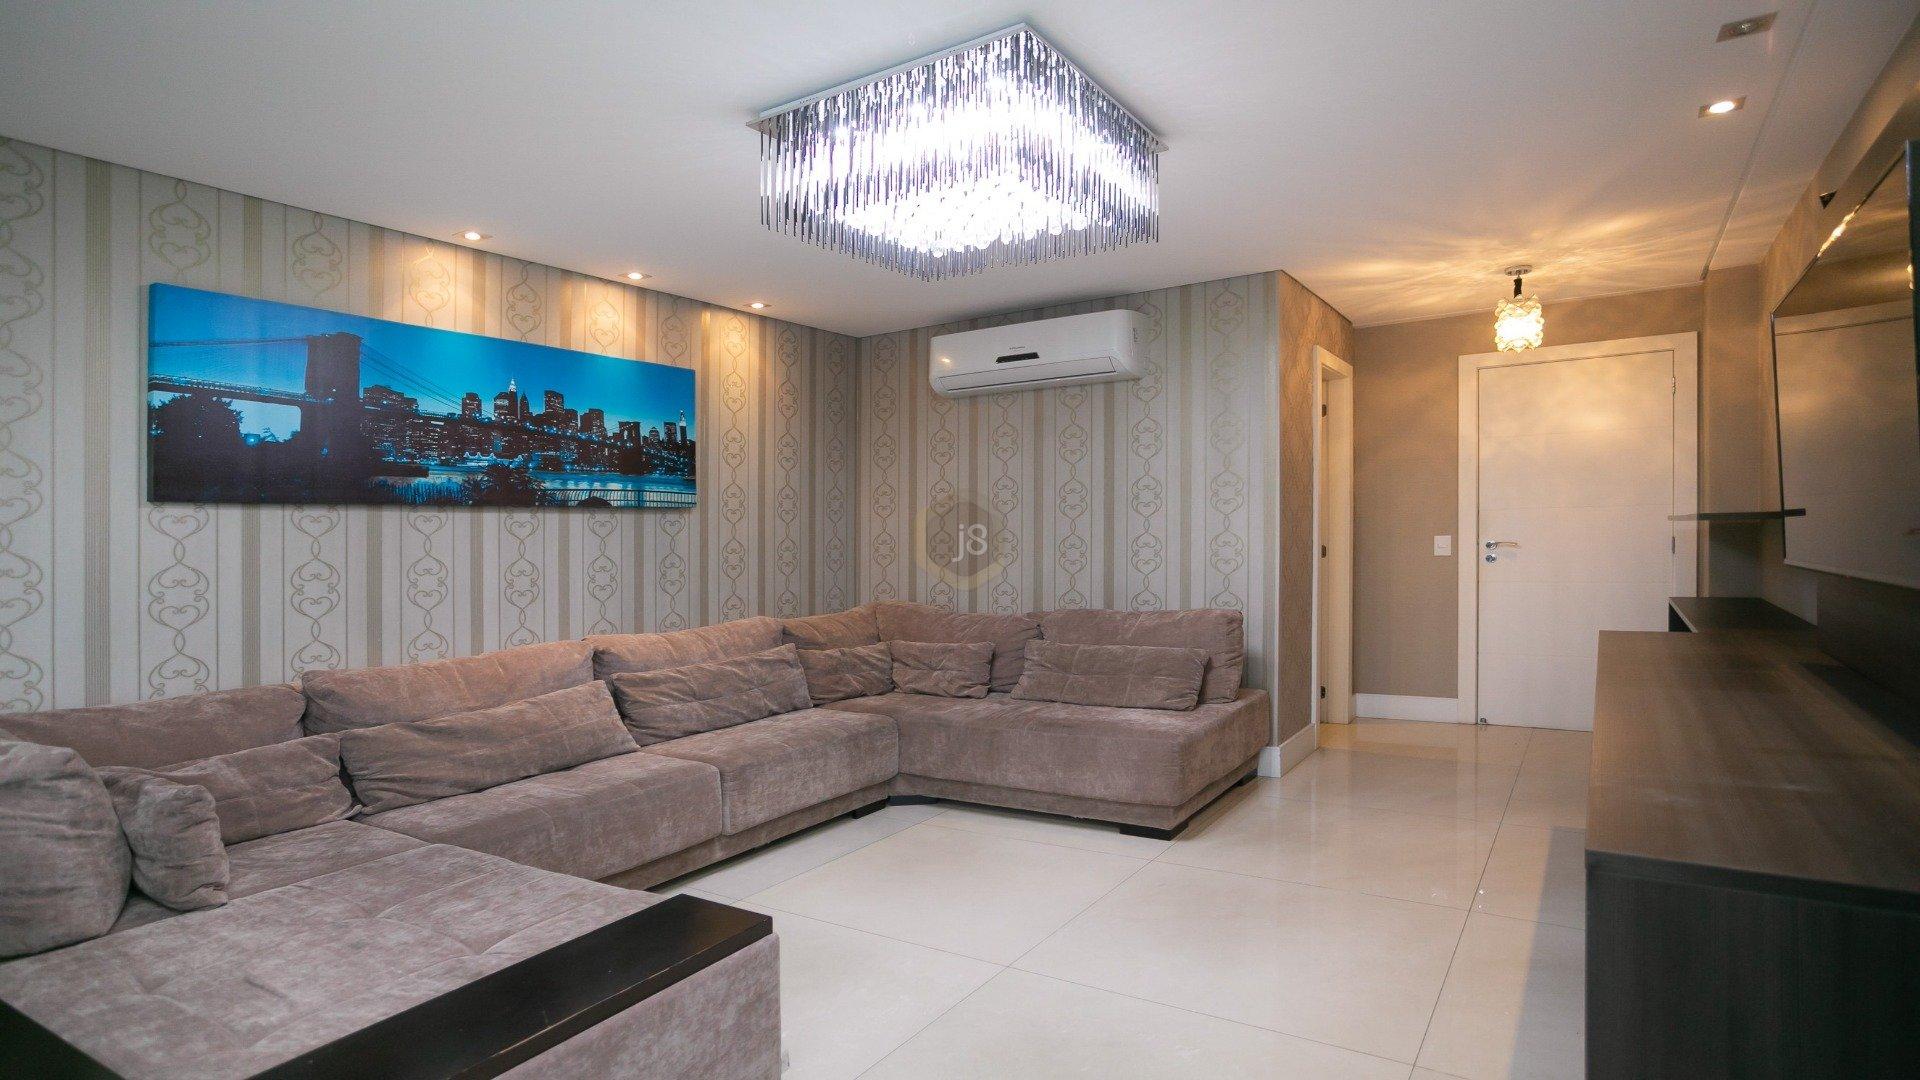 Foto de destaque Apartamento de 3 suítes no cabral